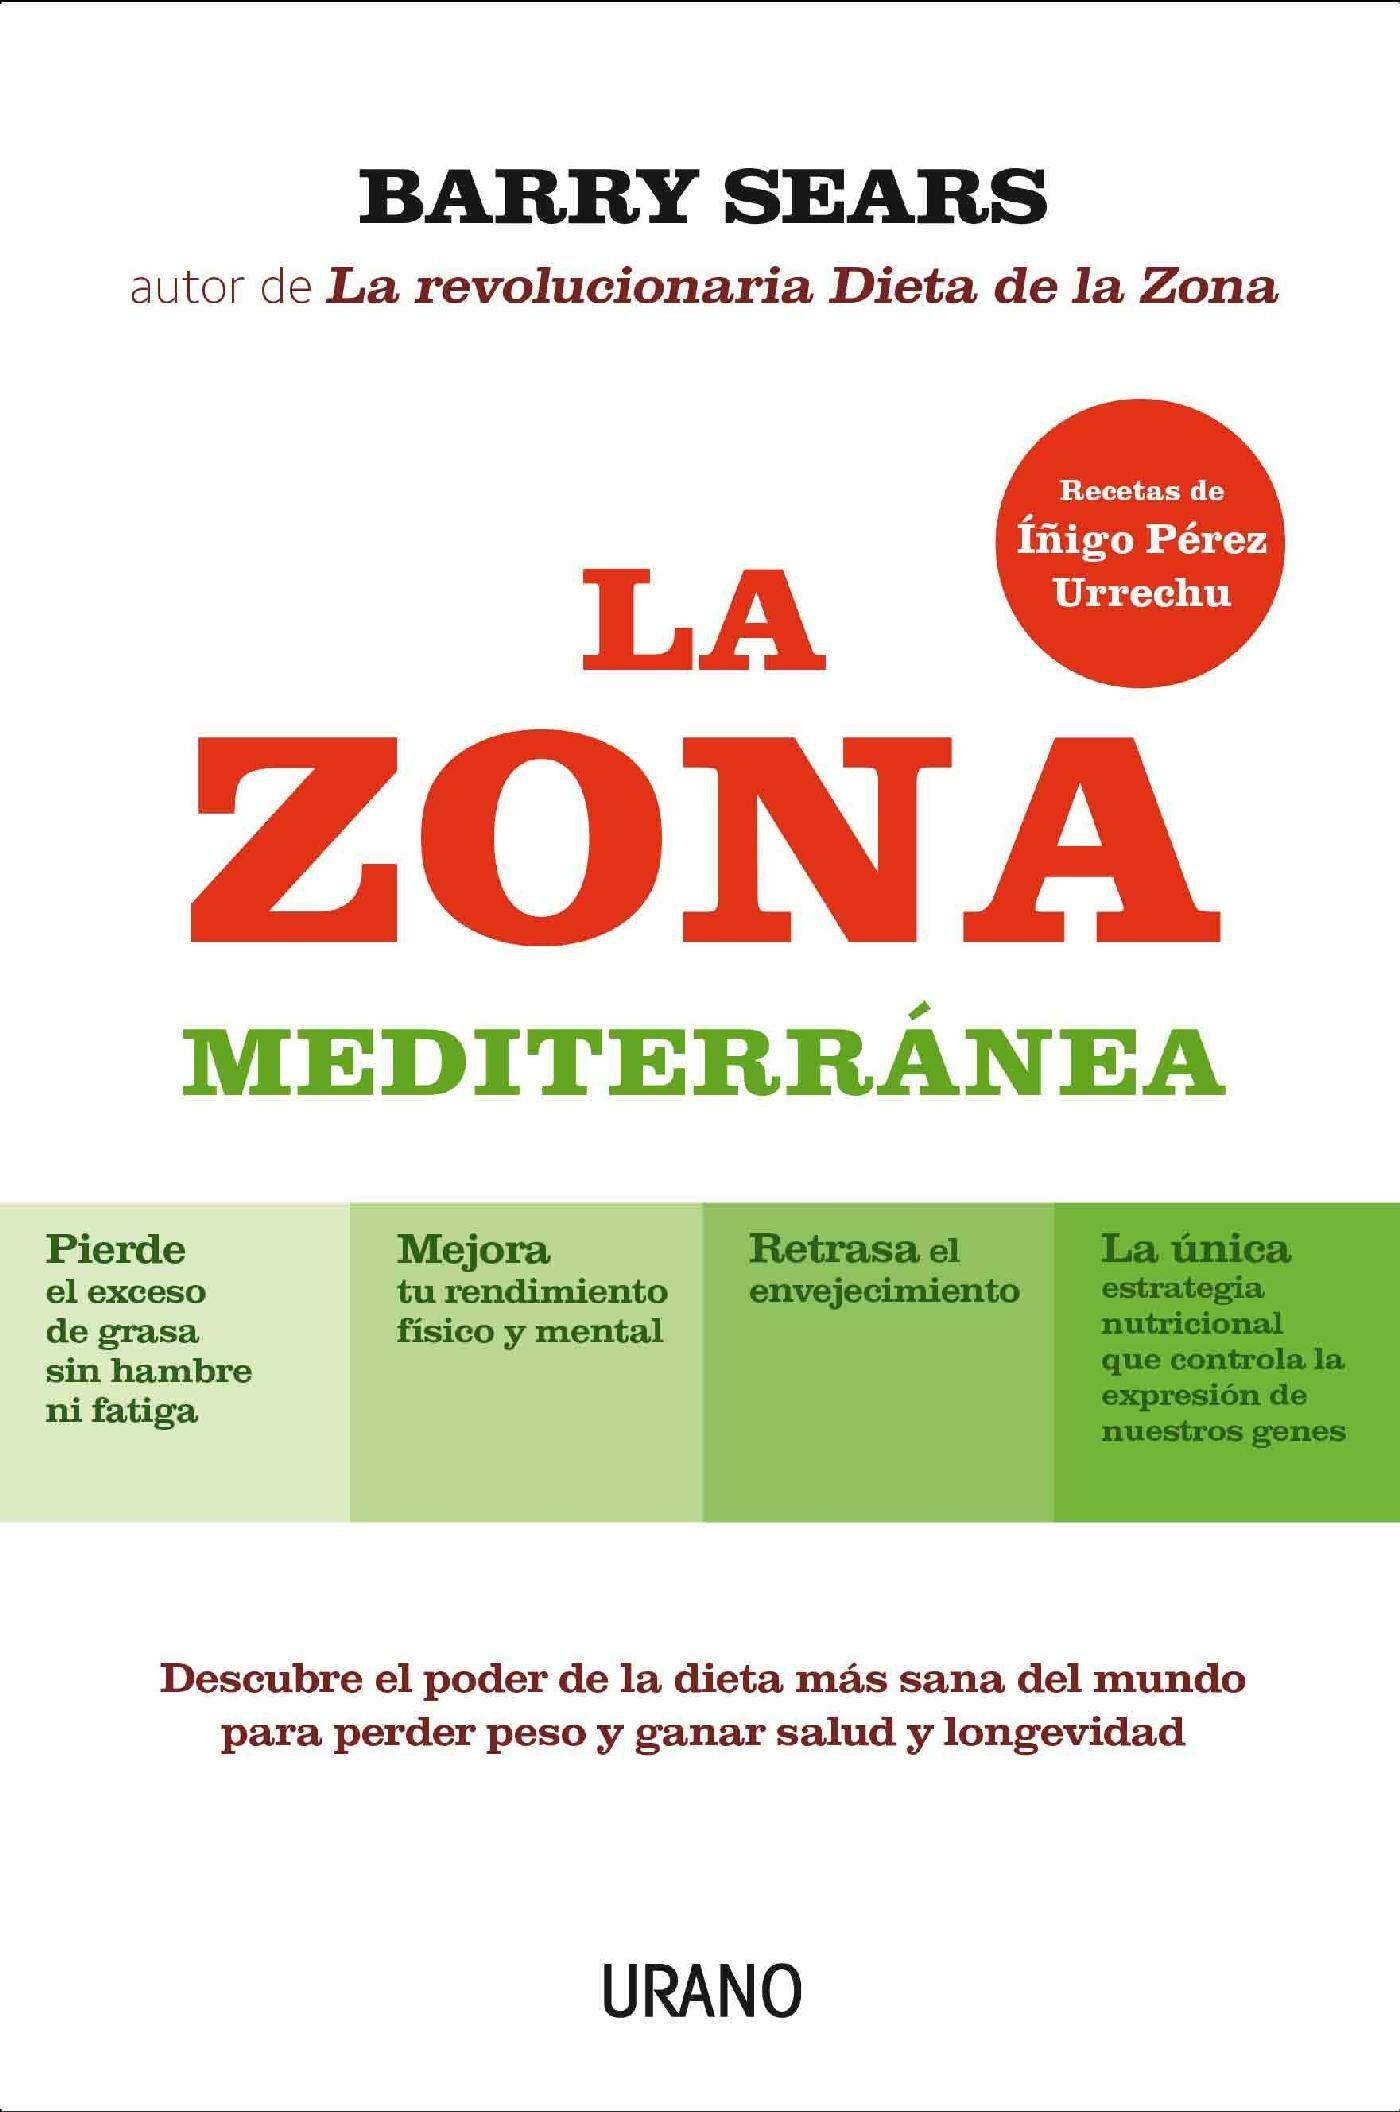 ae6dbbf9a1 La Zona Mediterránea (ebook) · Ebooks · El Corte Inglés